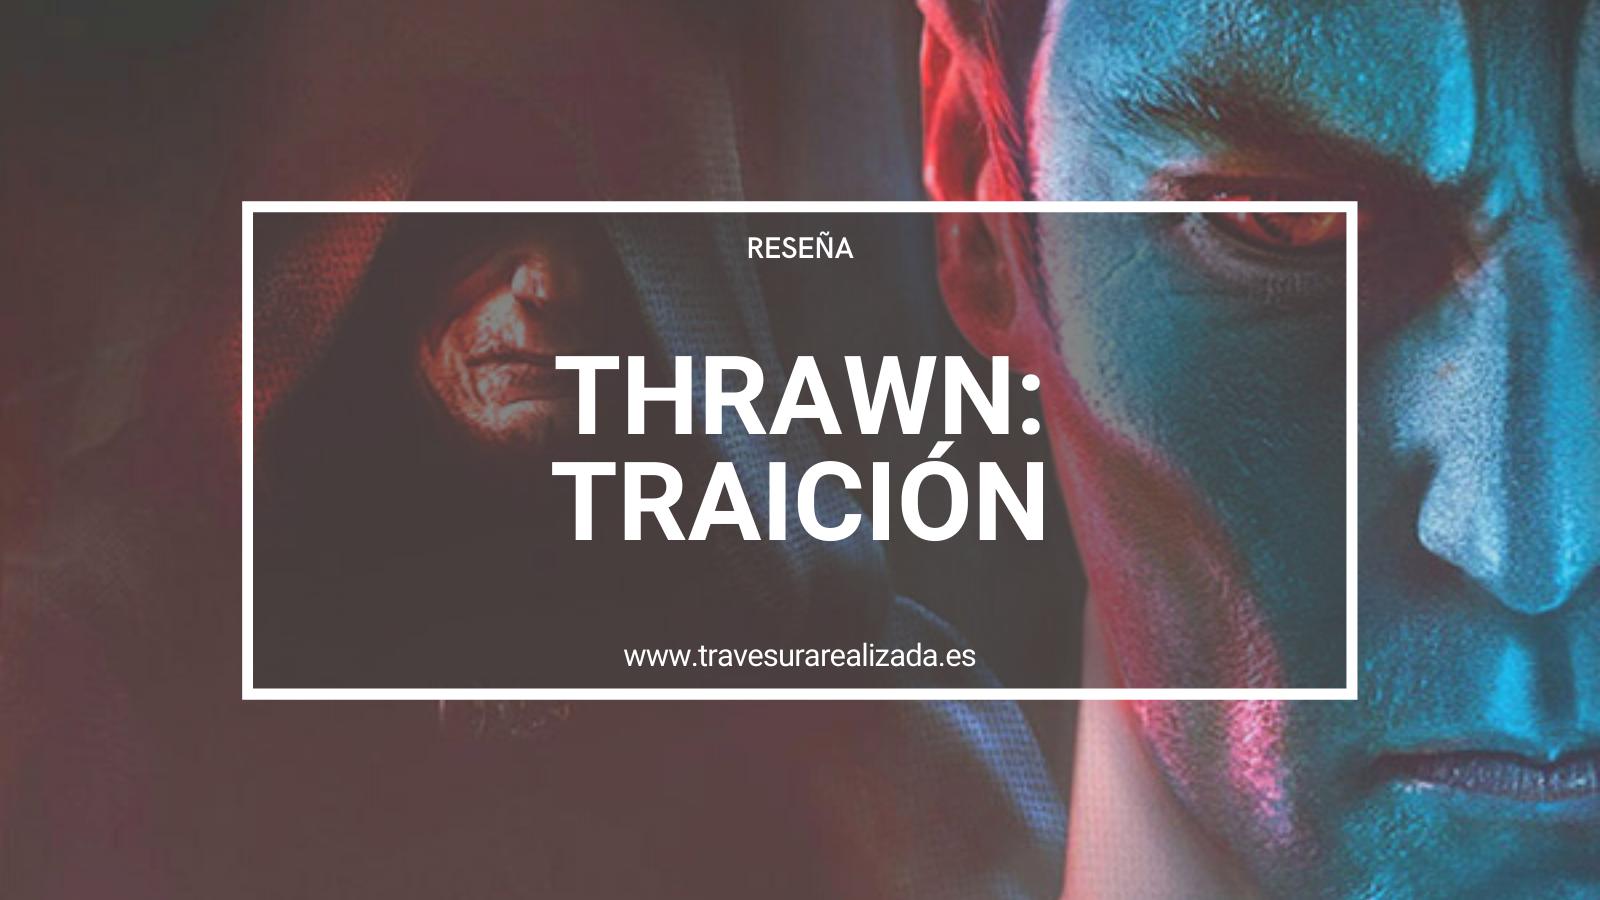 Thrawn: Traición – Reseña